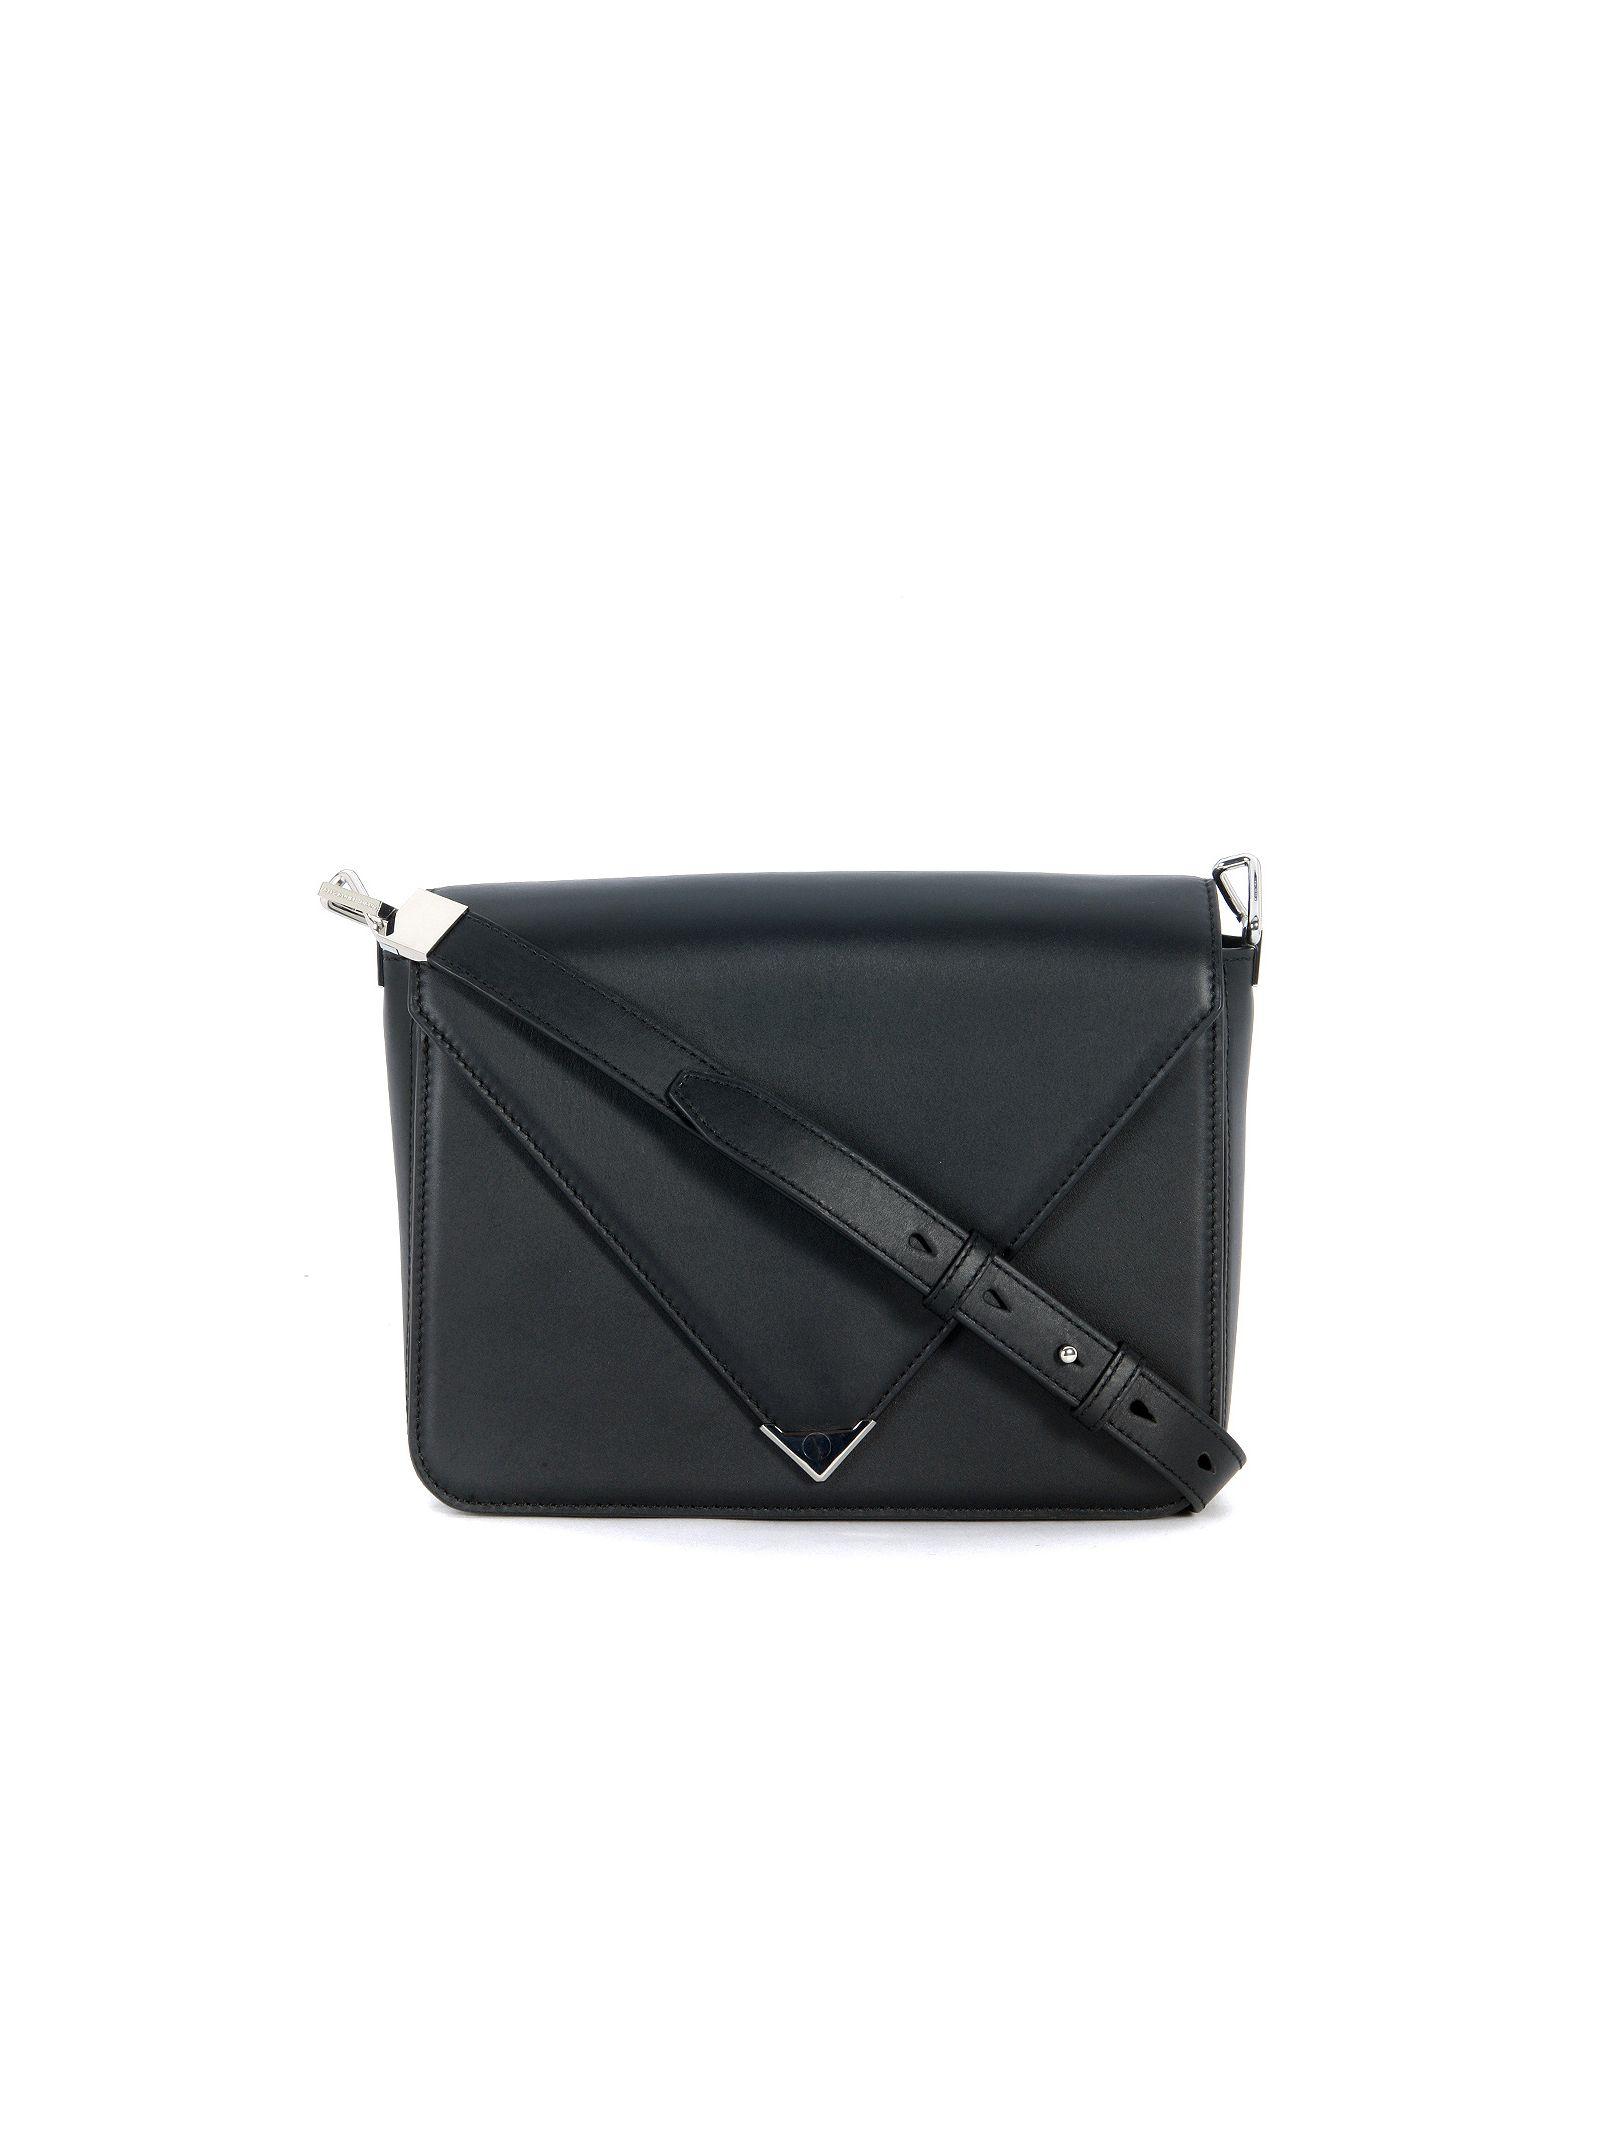 Alexander Wang Prisma Black Leather Shoulder Bag